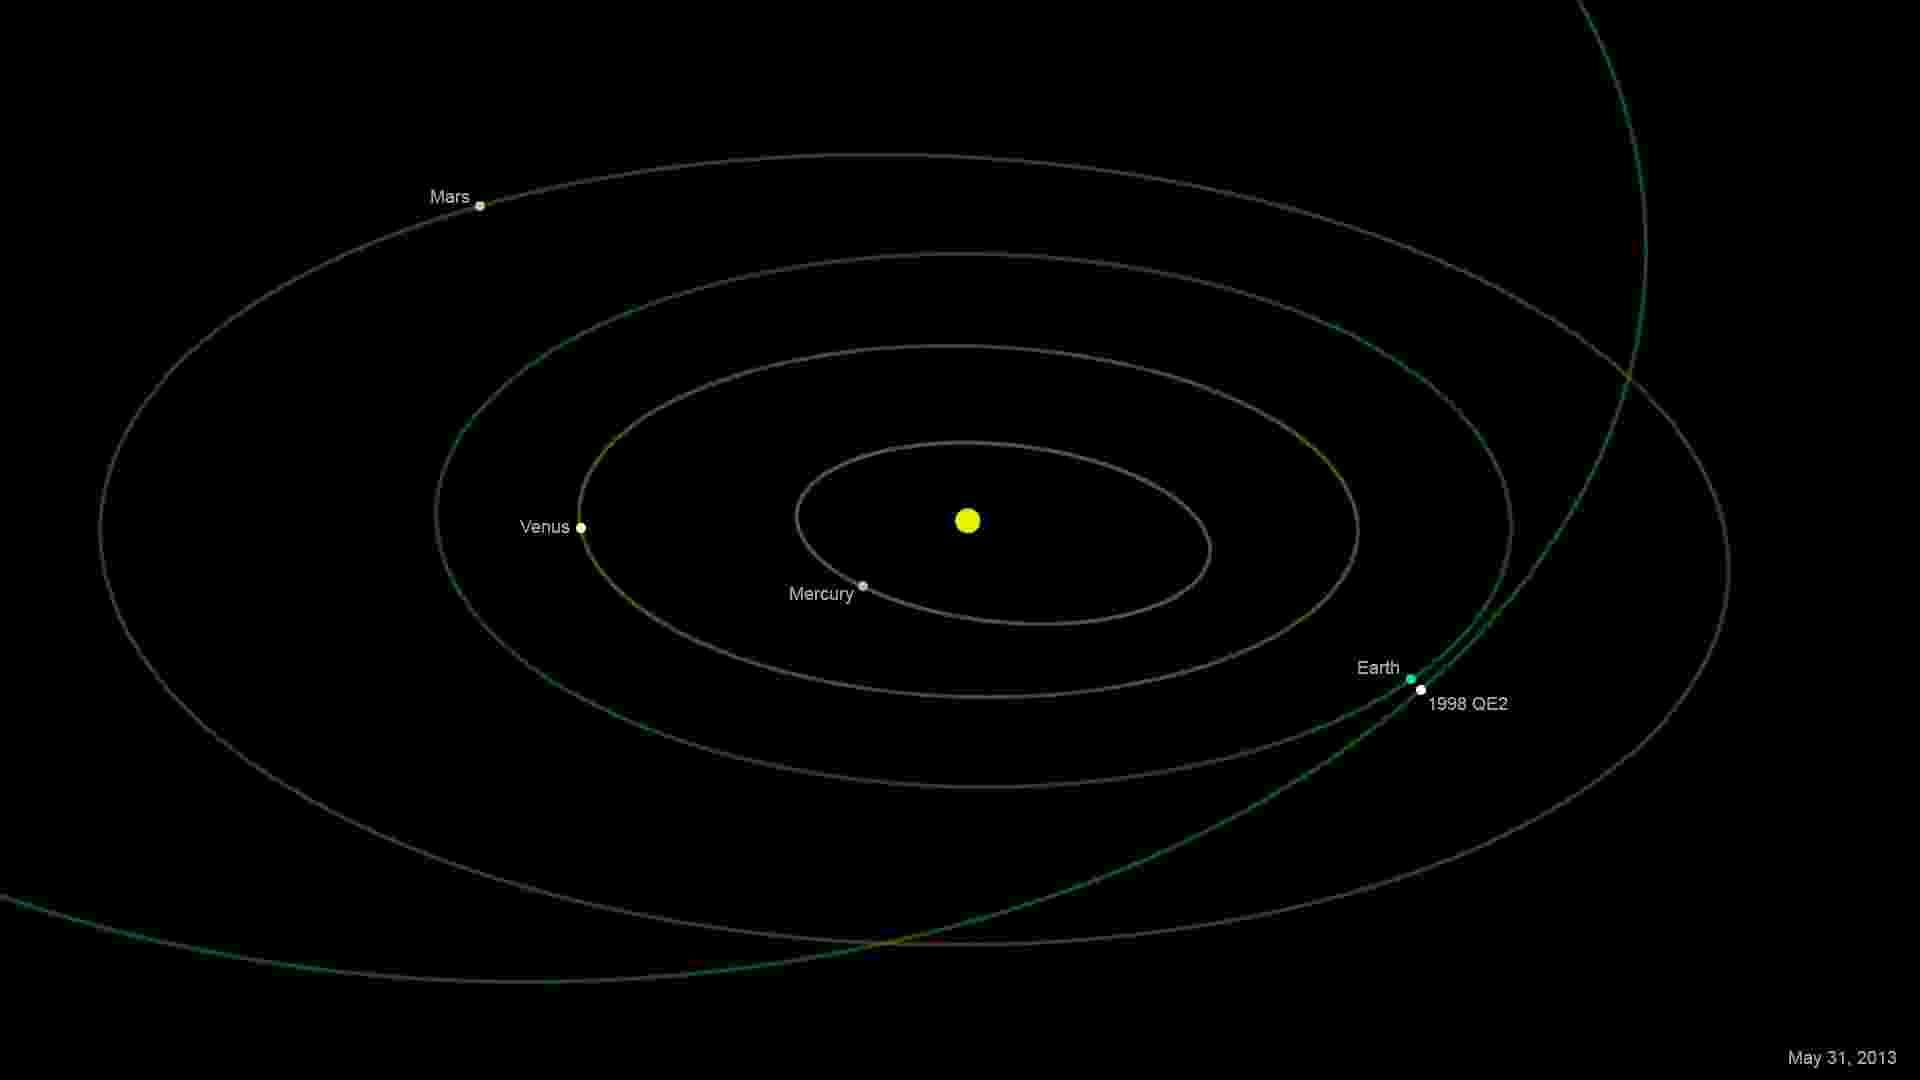 17.mai.2013 - Asteroide 1998 QE2 com 2,7 quilômetros de comprimento passará a 5,8 milhões de quiômetros da Terra em 31 de maio de 2013 - Nasa/JPL-Caltech